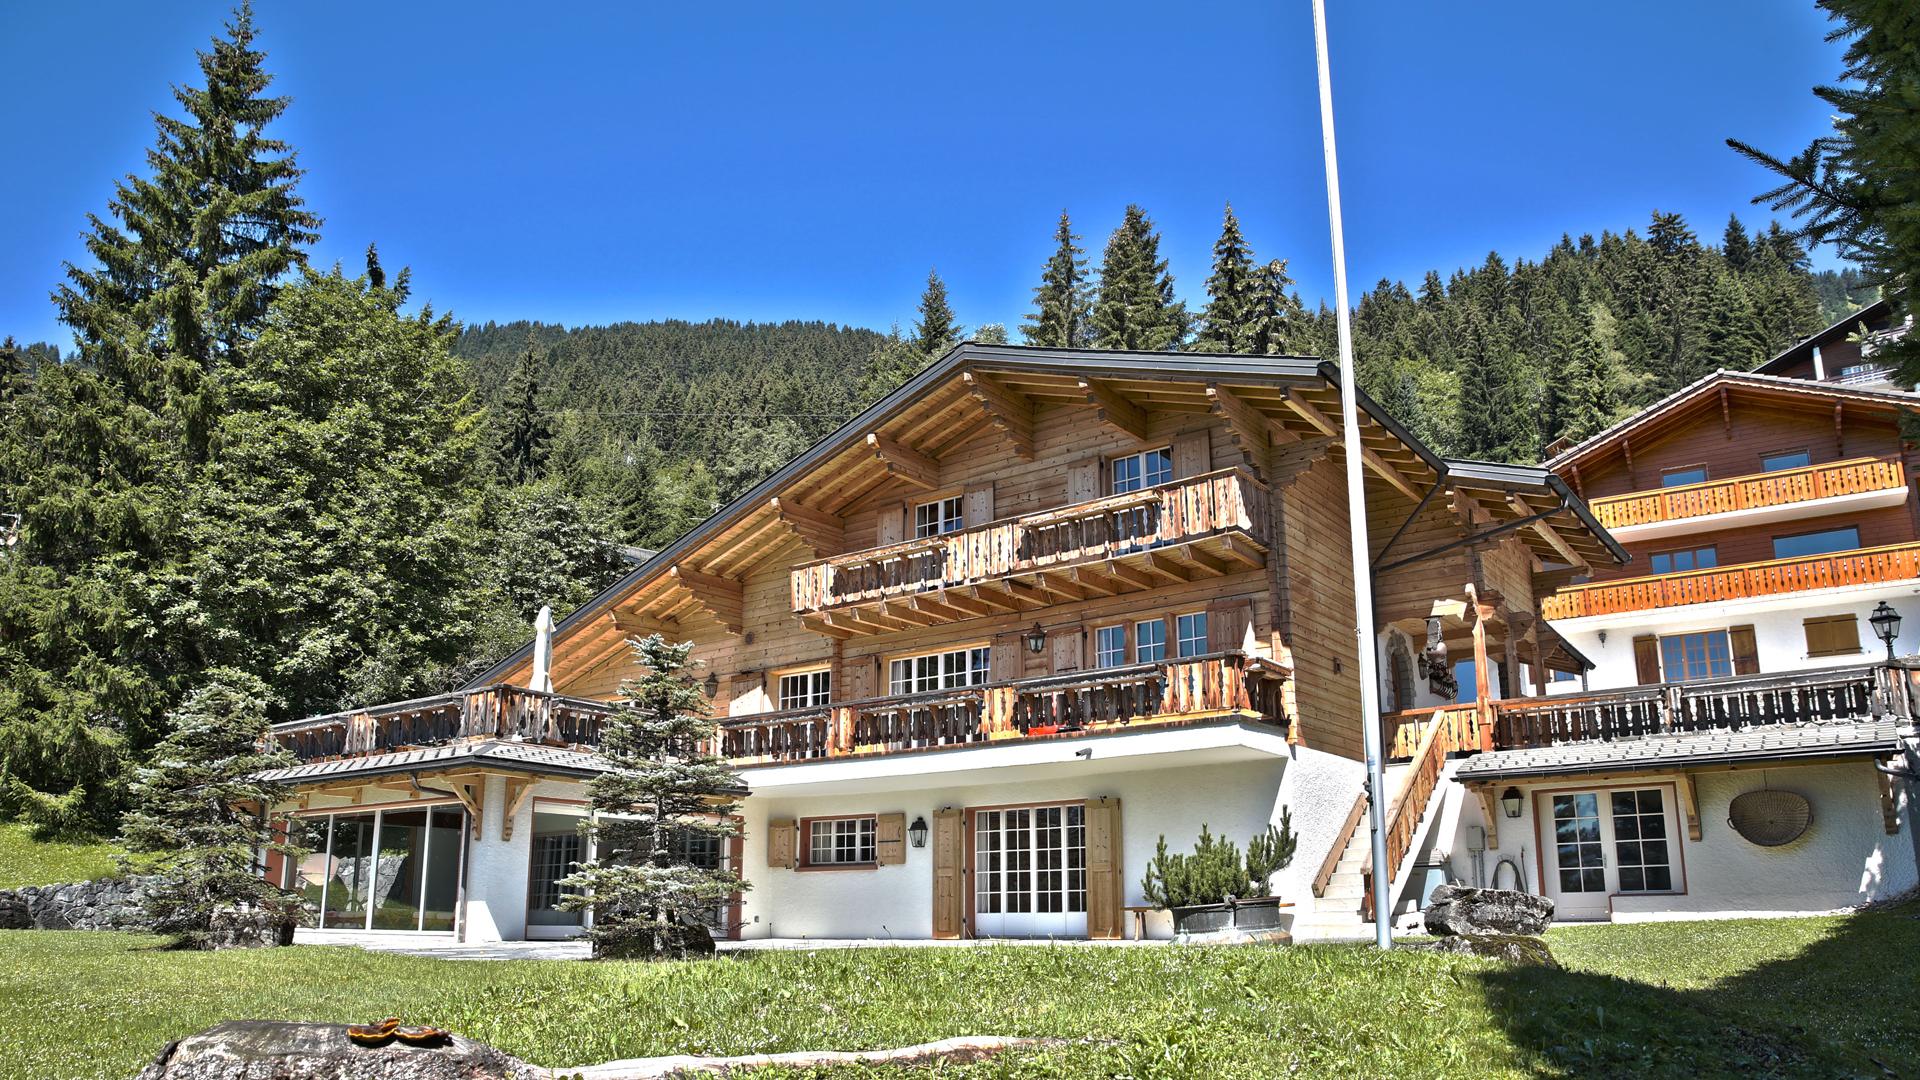 Chalet Clipper Chalet, Switzerland